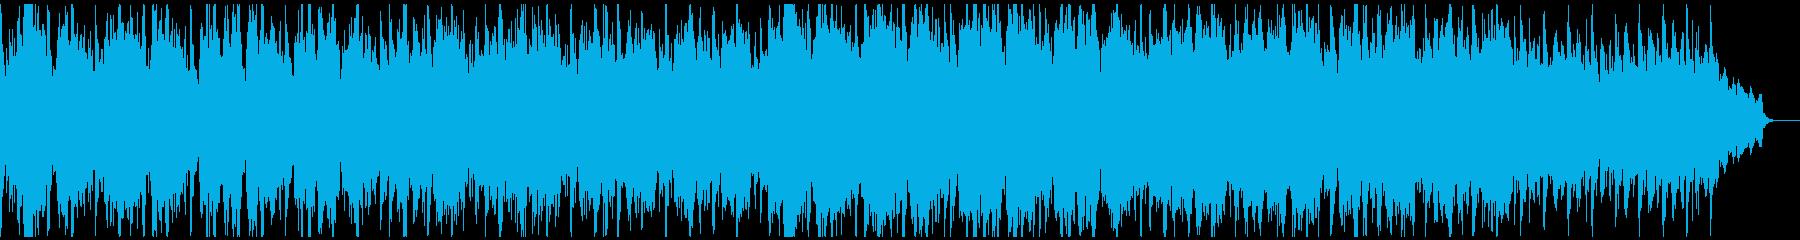 結果発表、リザルト、雄大、オーケストラの再生済みの波形